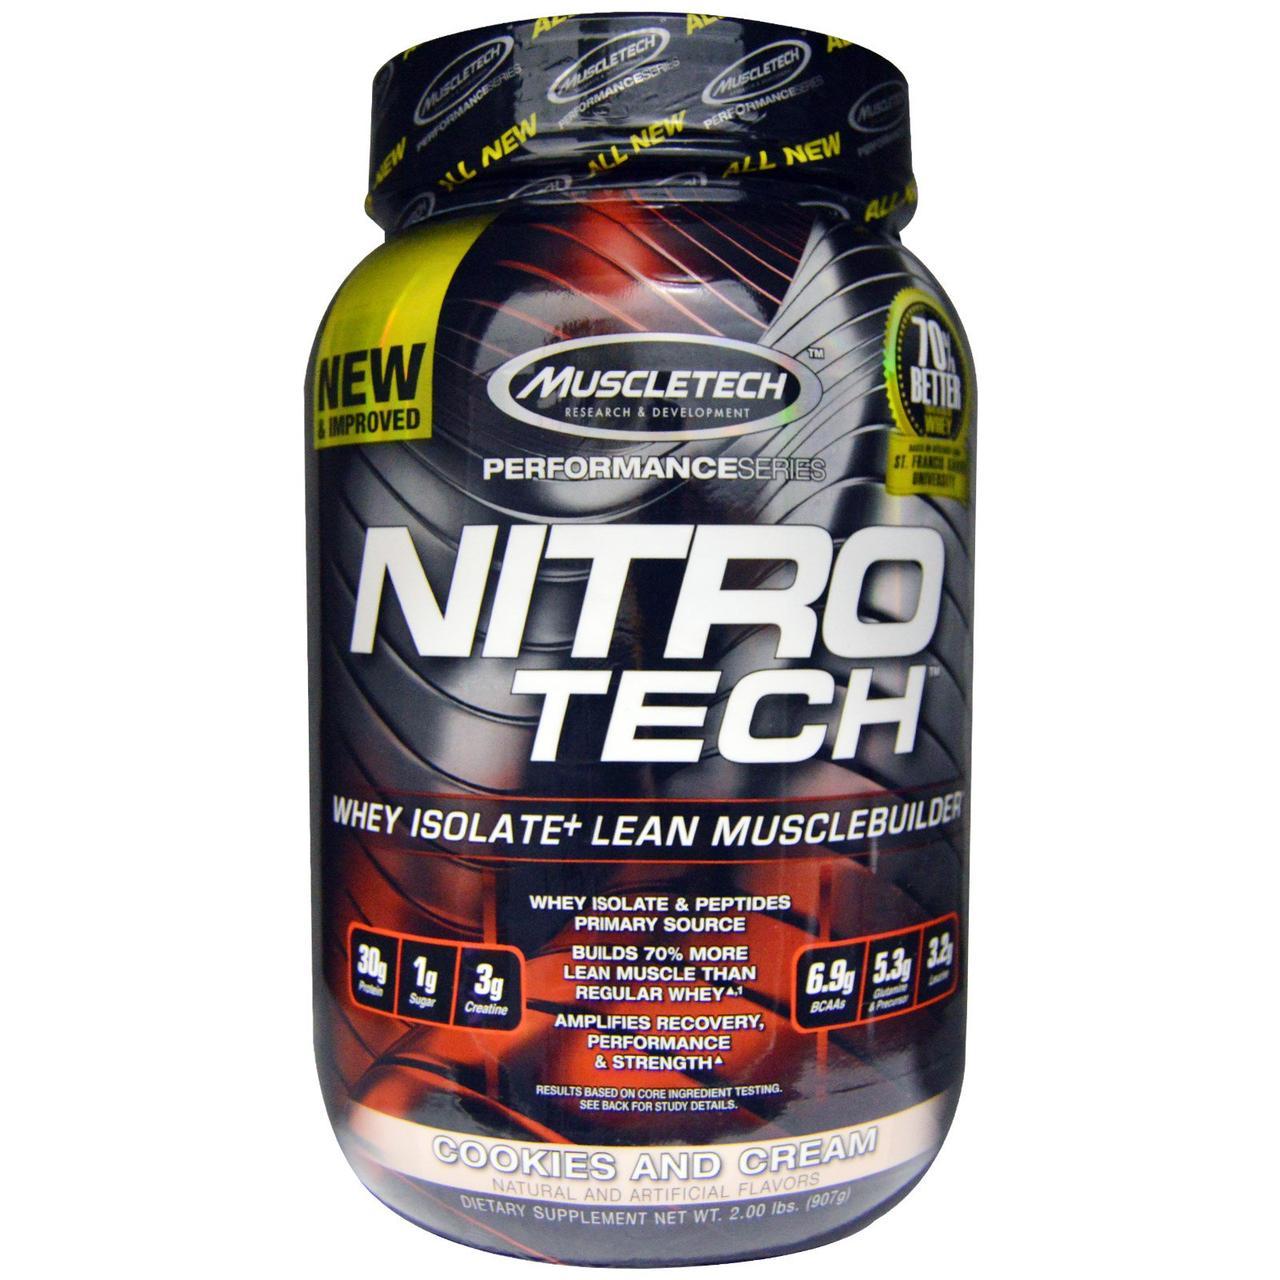 Сывороточный протеин, печенье и сливки, Nitro-Tech, Muscletech, 907 гр.